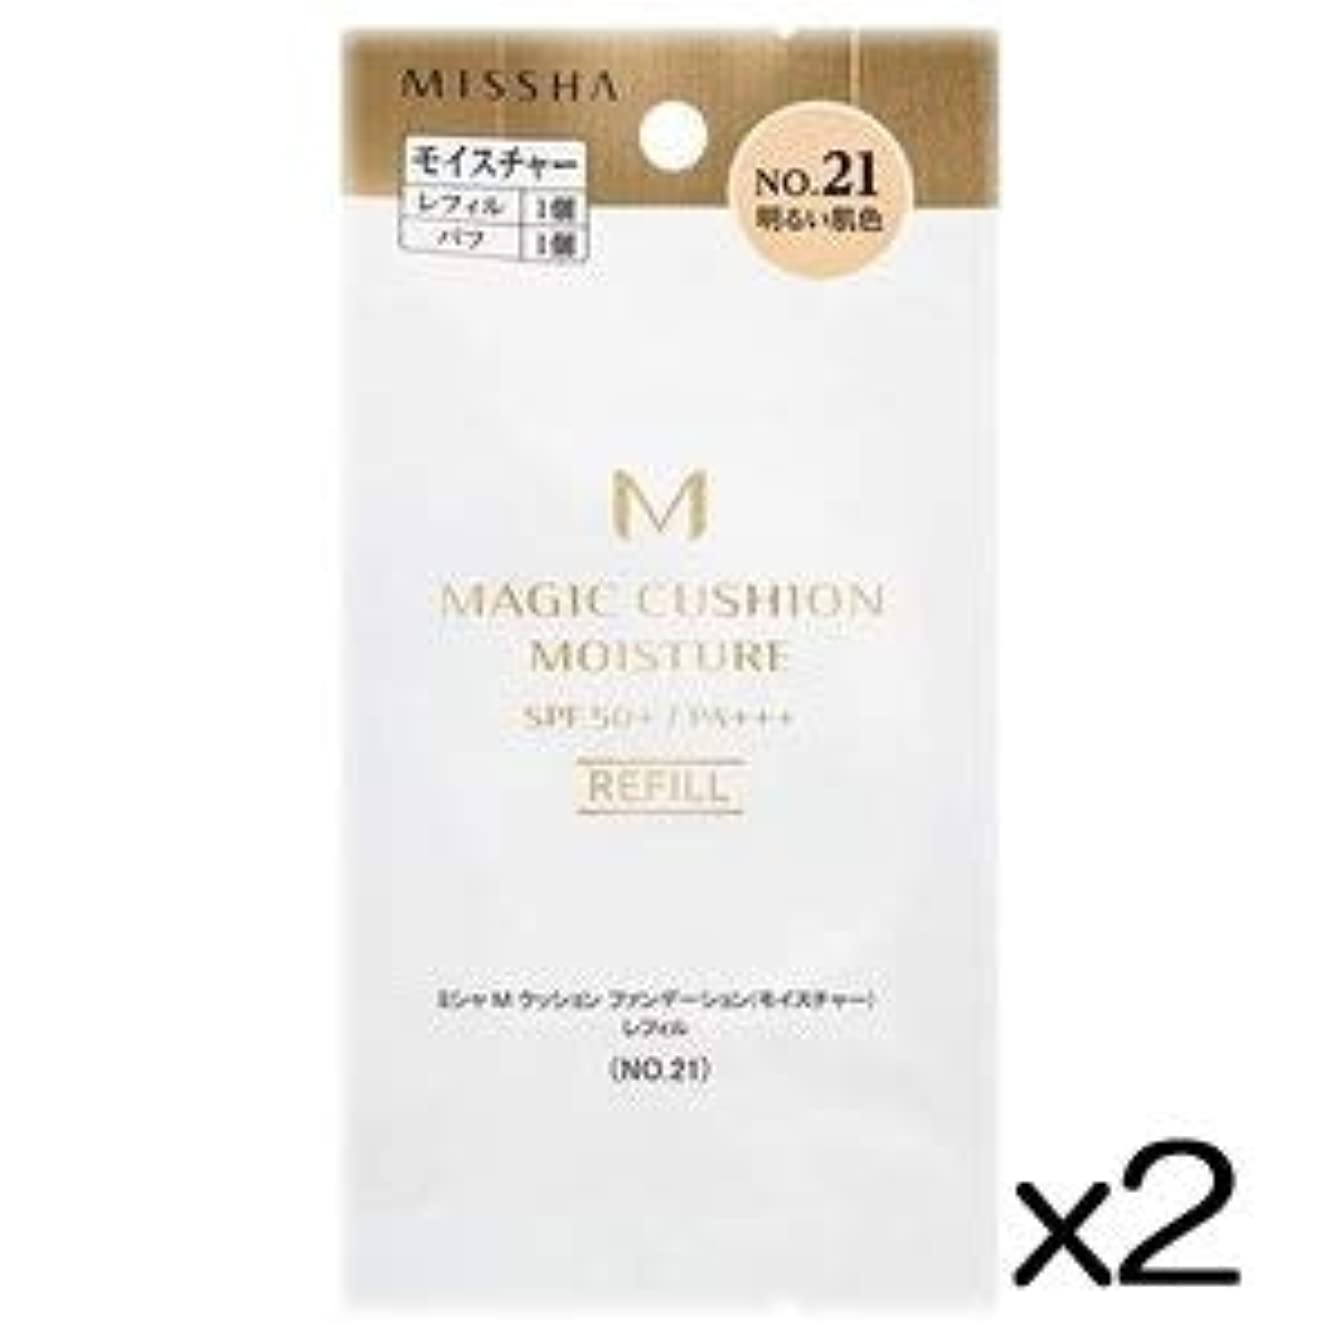 いとこ触手流暢ミシャ M クッション ファンデーション (モイスチャー) No.21 明るい肌色 レフィル 15g×2個セット